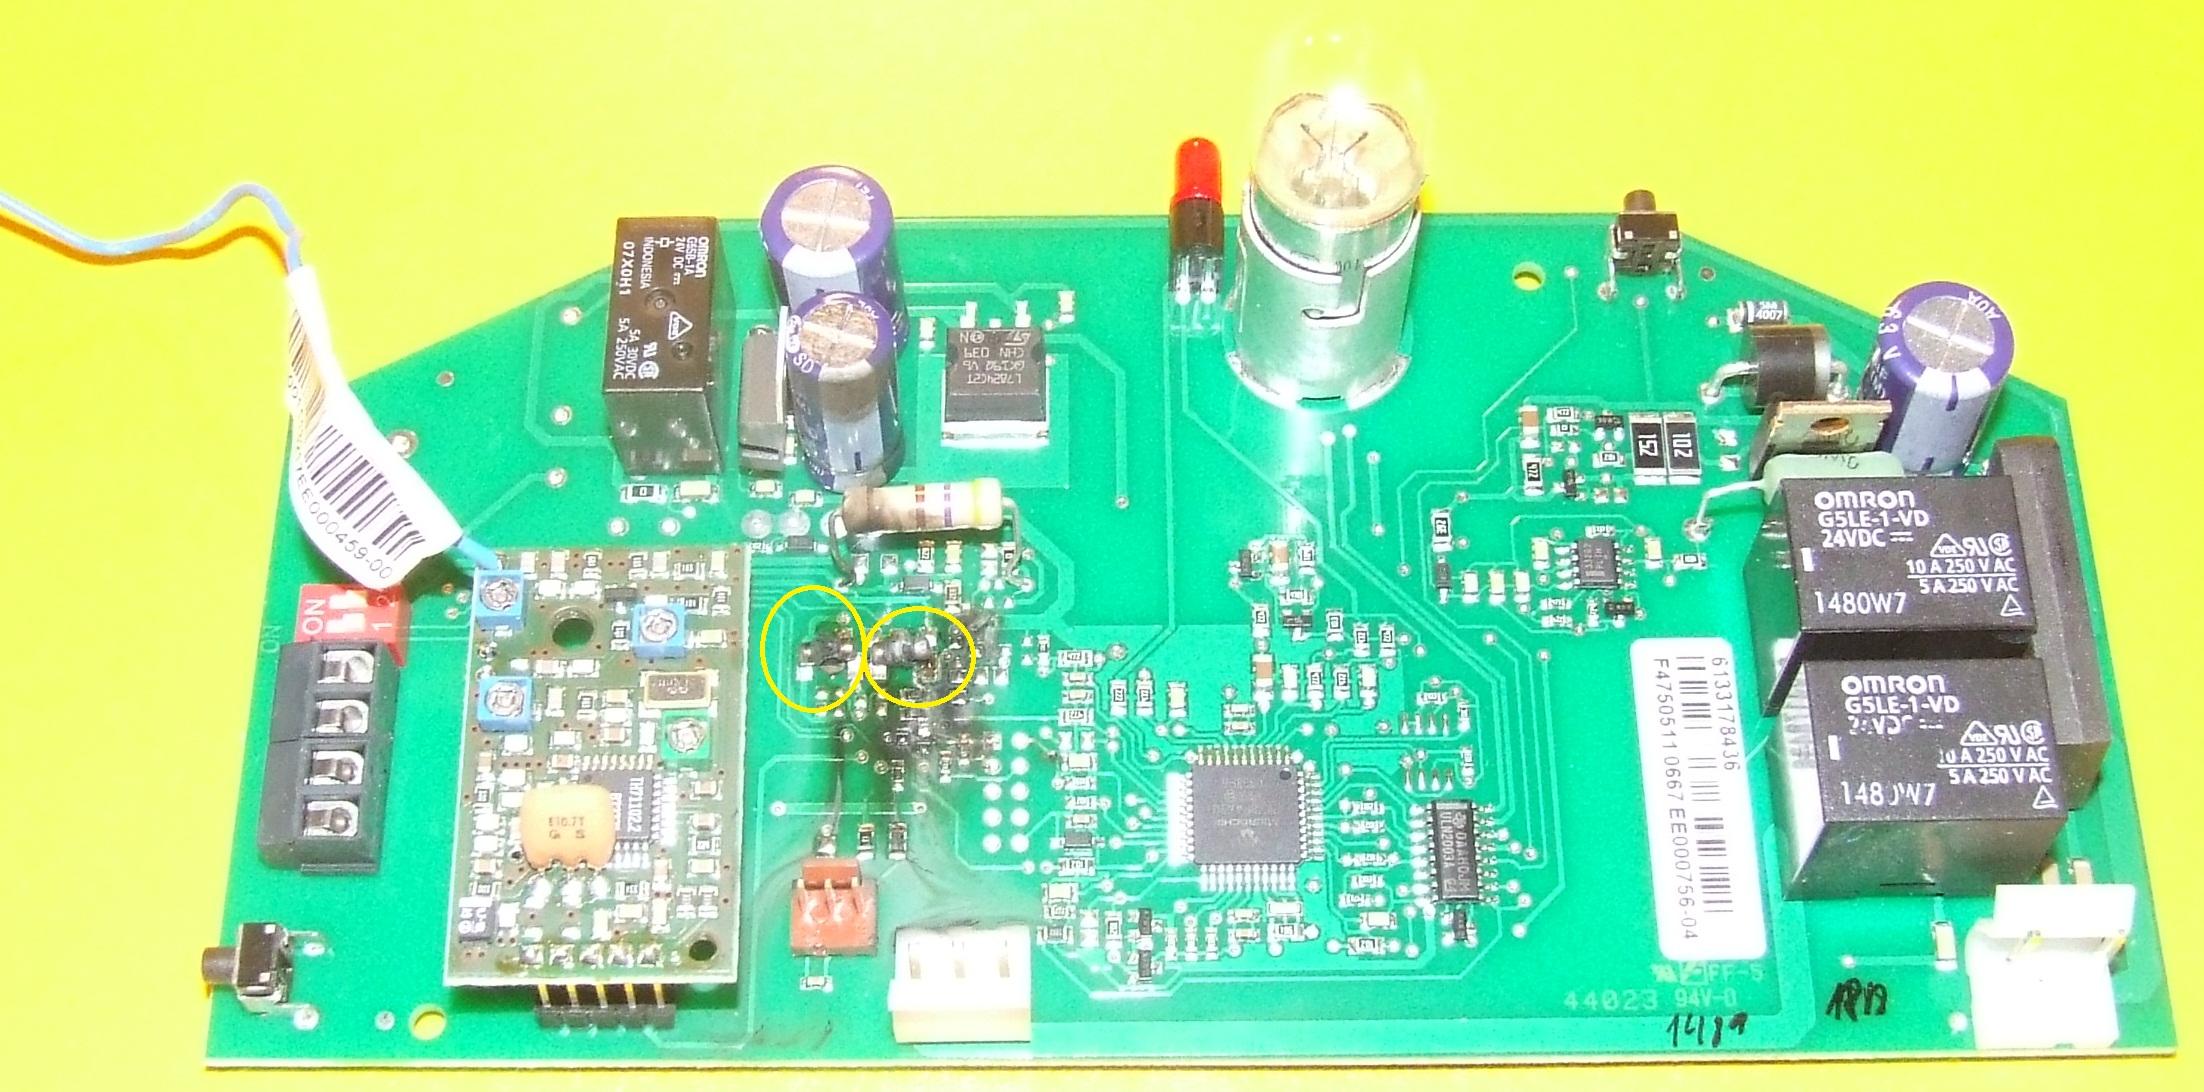 Ecostar AGS VDE 0700  - Dodatkowe radio przy nap�dzie Ecostar